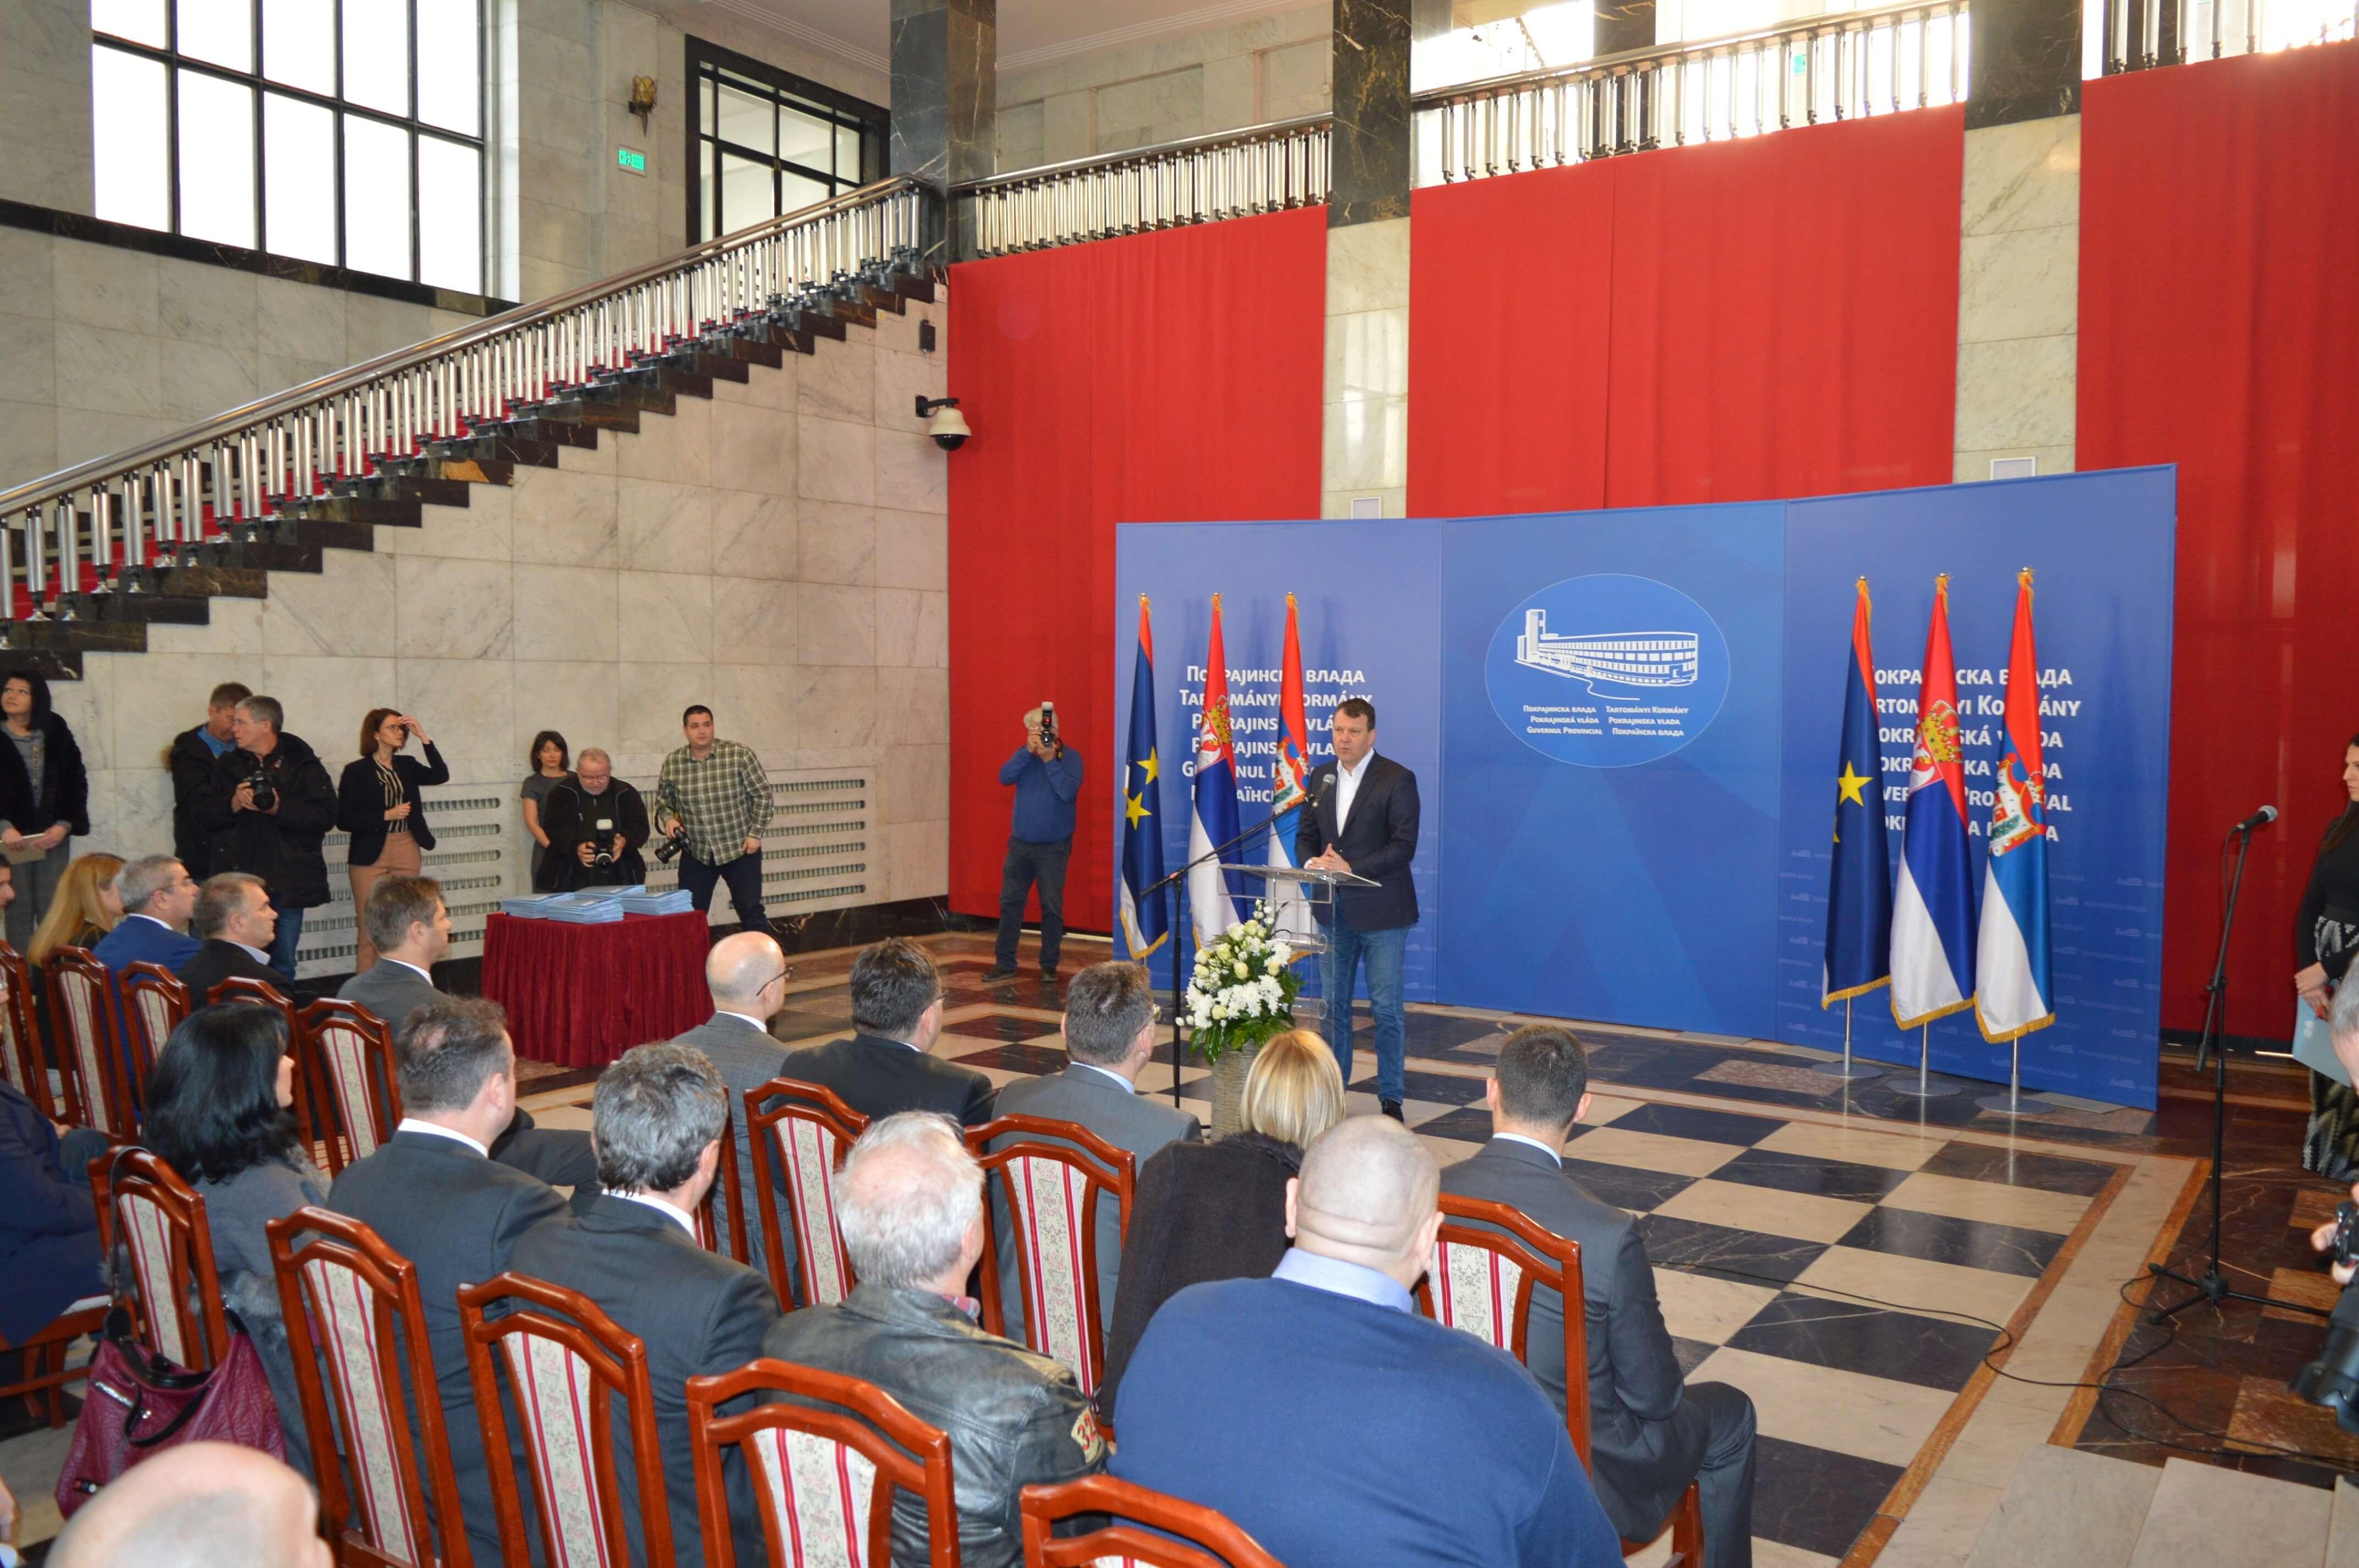 Стручни скуп је званично отворио помоћник покрајинског секретара за пољопривреду, водопривреду и шумарство Владислав Крсмановић